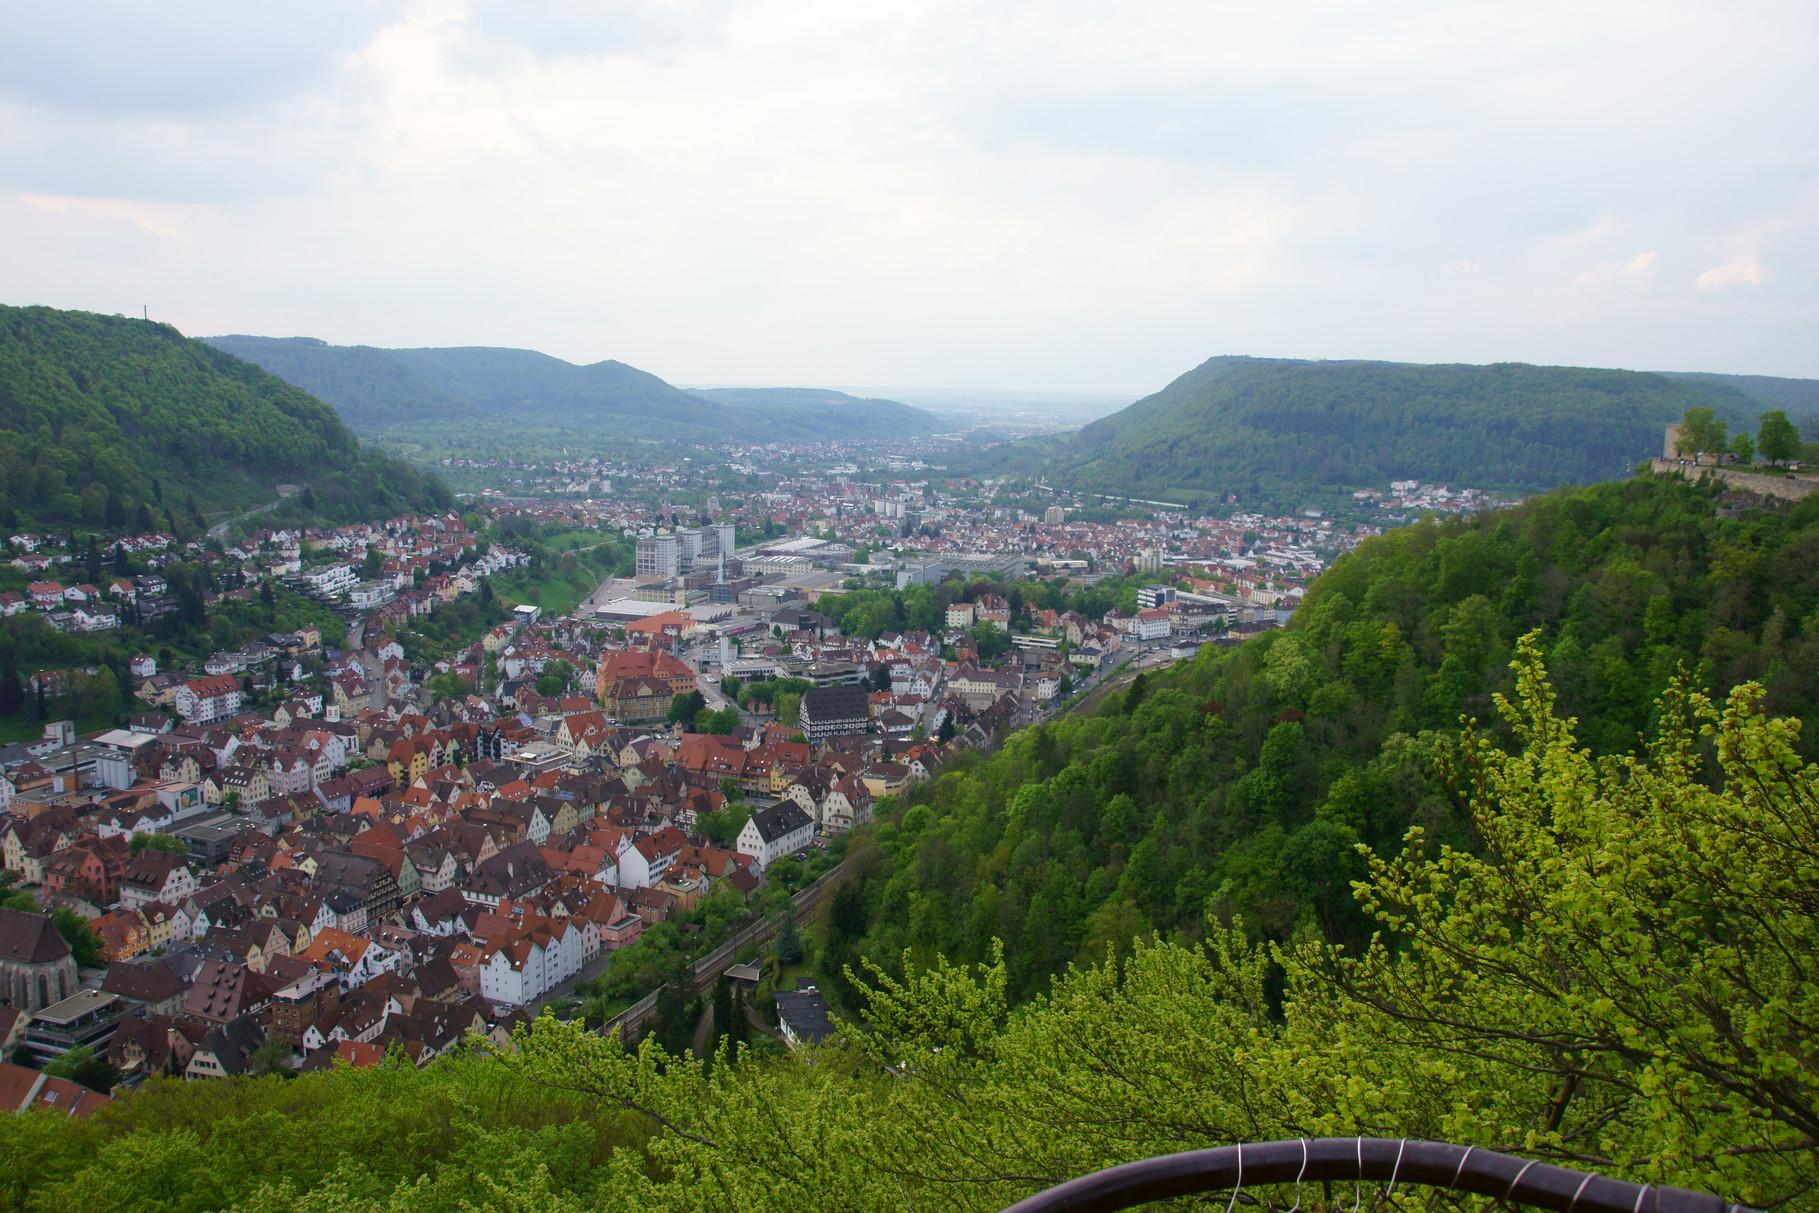 Blick auf Geislingen/Steige vom Aussichtspunkt Ödenturm